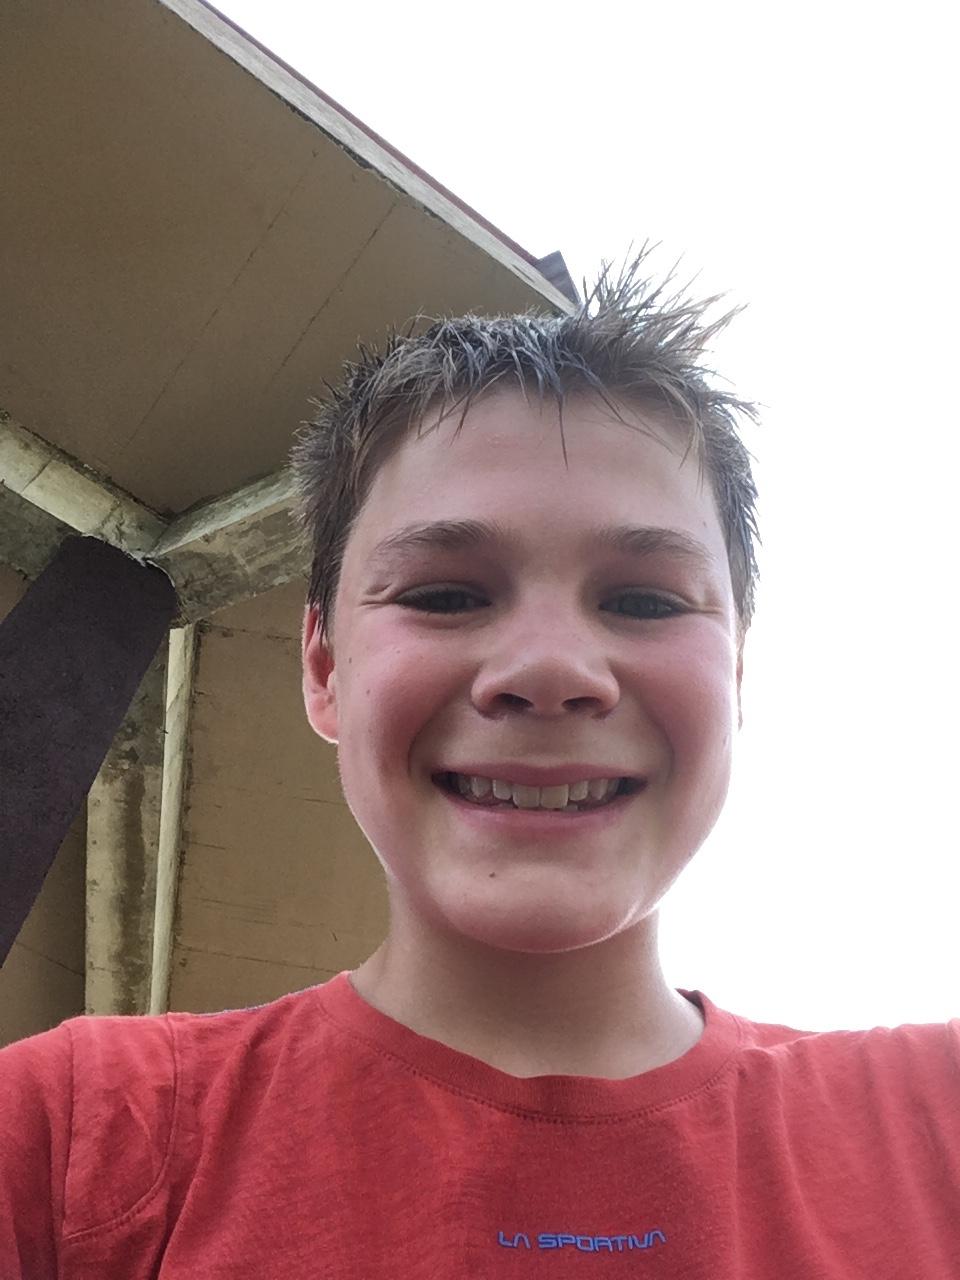 Cody Stevenson